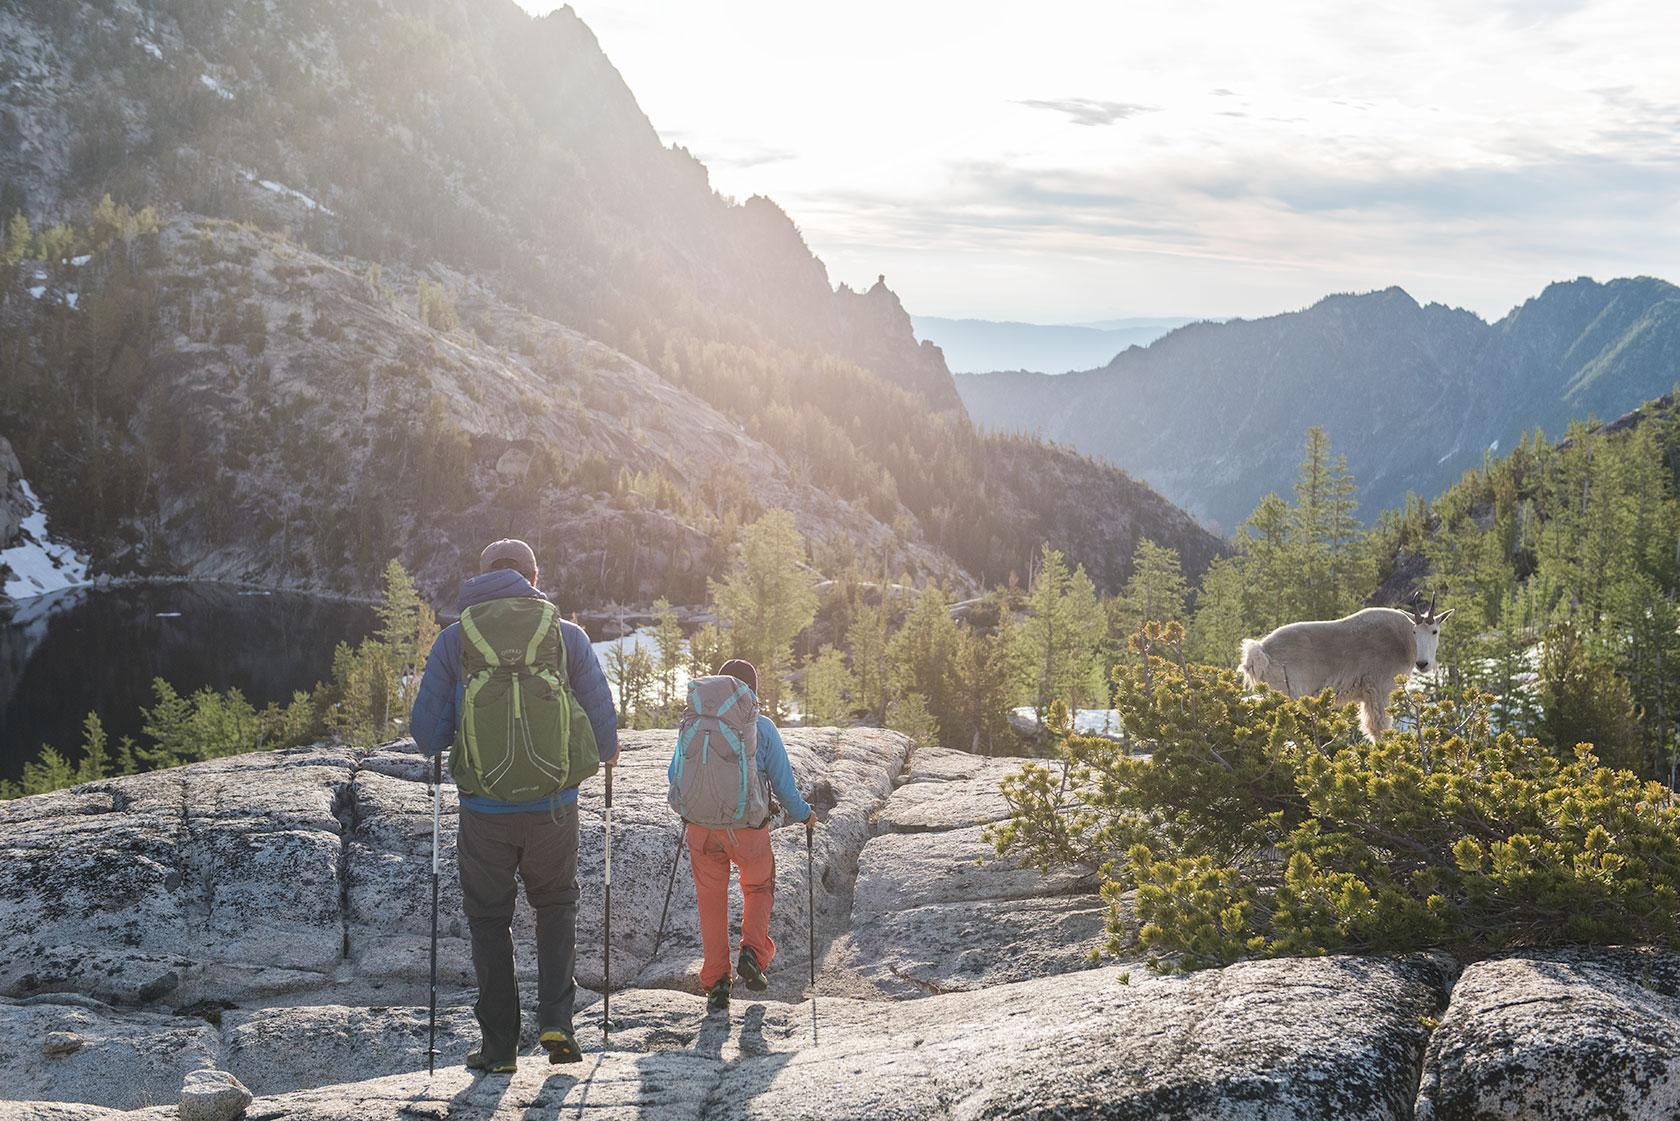 austin-trigg-osprey-hiking-backpacks-washington-lifestyle-morning-adventure-outdoor-active-hike-camp-sunrise-enchantments-goat-mountains.jpg